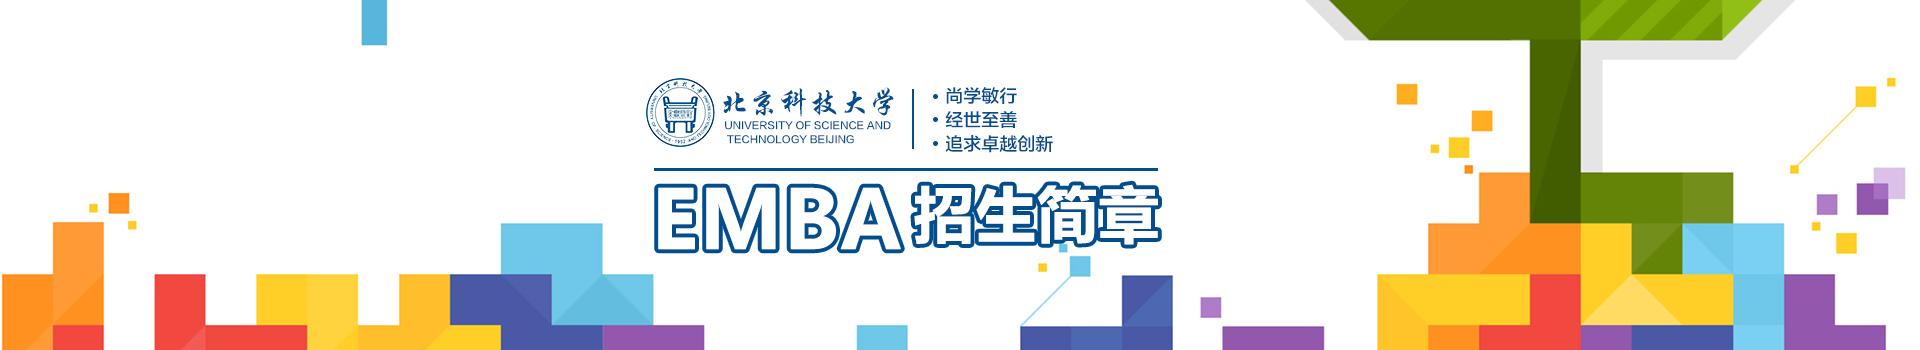 北京科技大学与美国德克萨斯大学阿灵顿商学院高级工商管理硕士EMBA招生简章